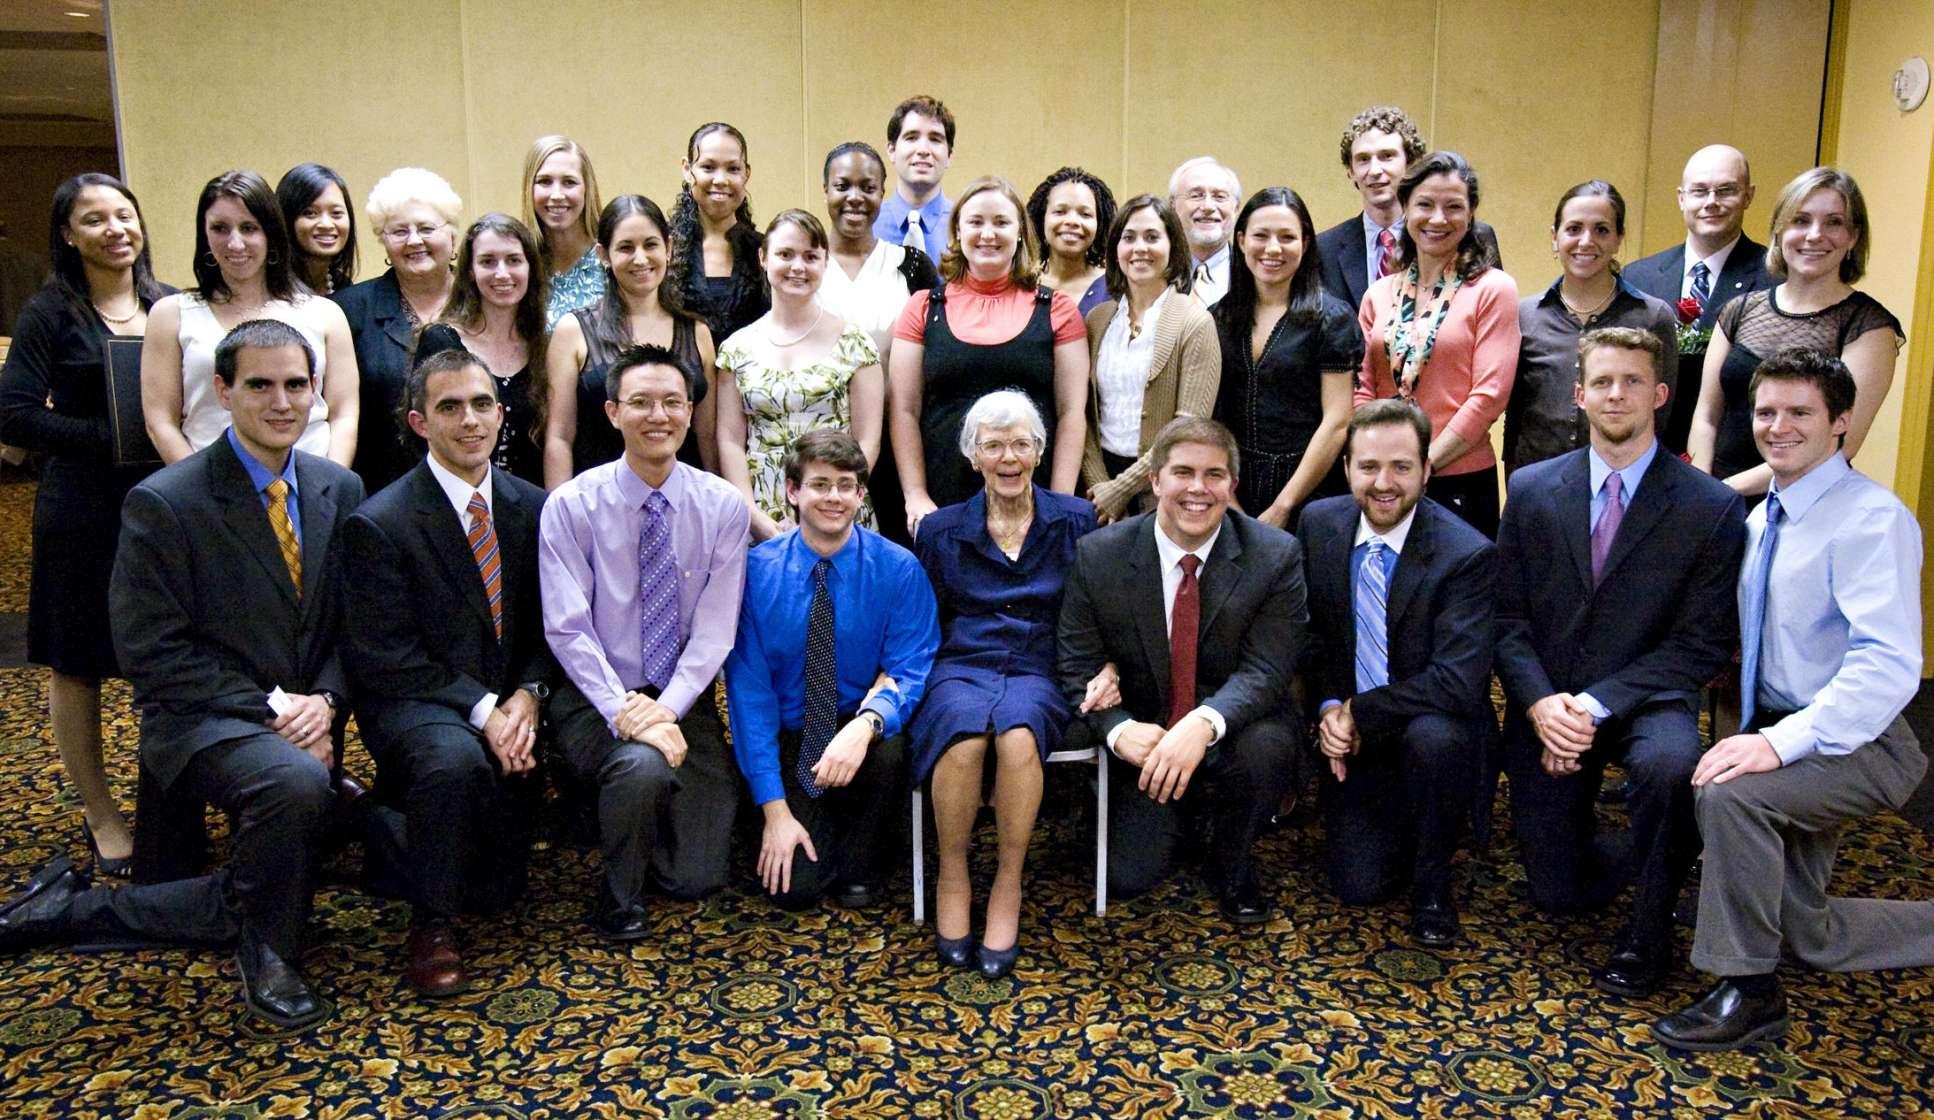 Banquet Attendees 2008